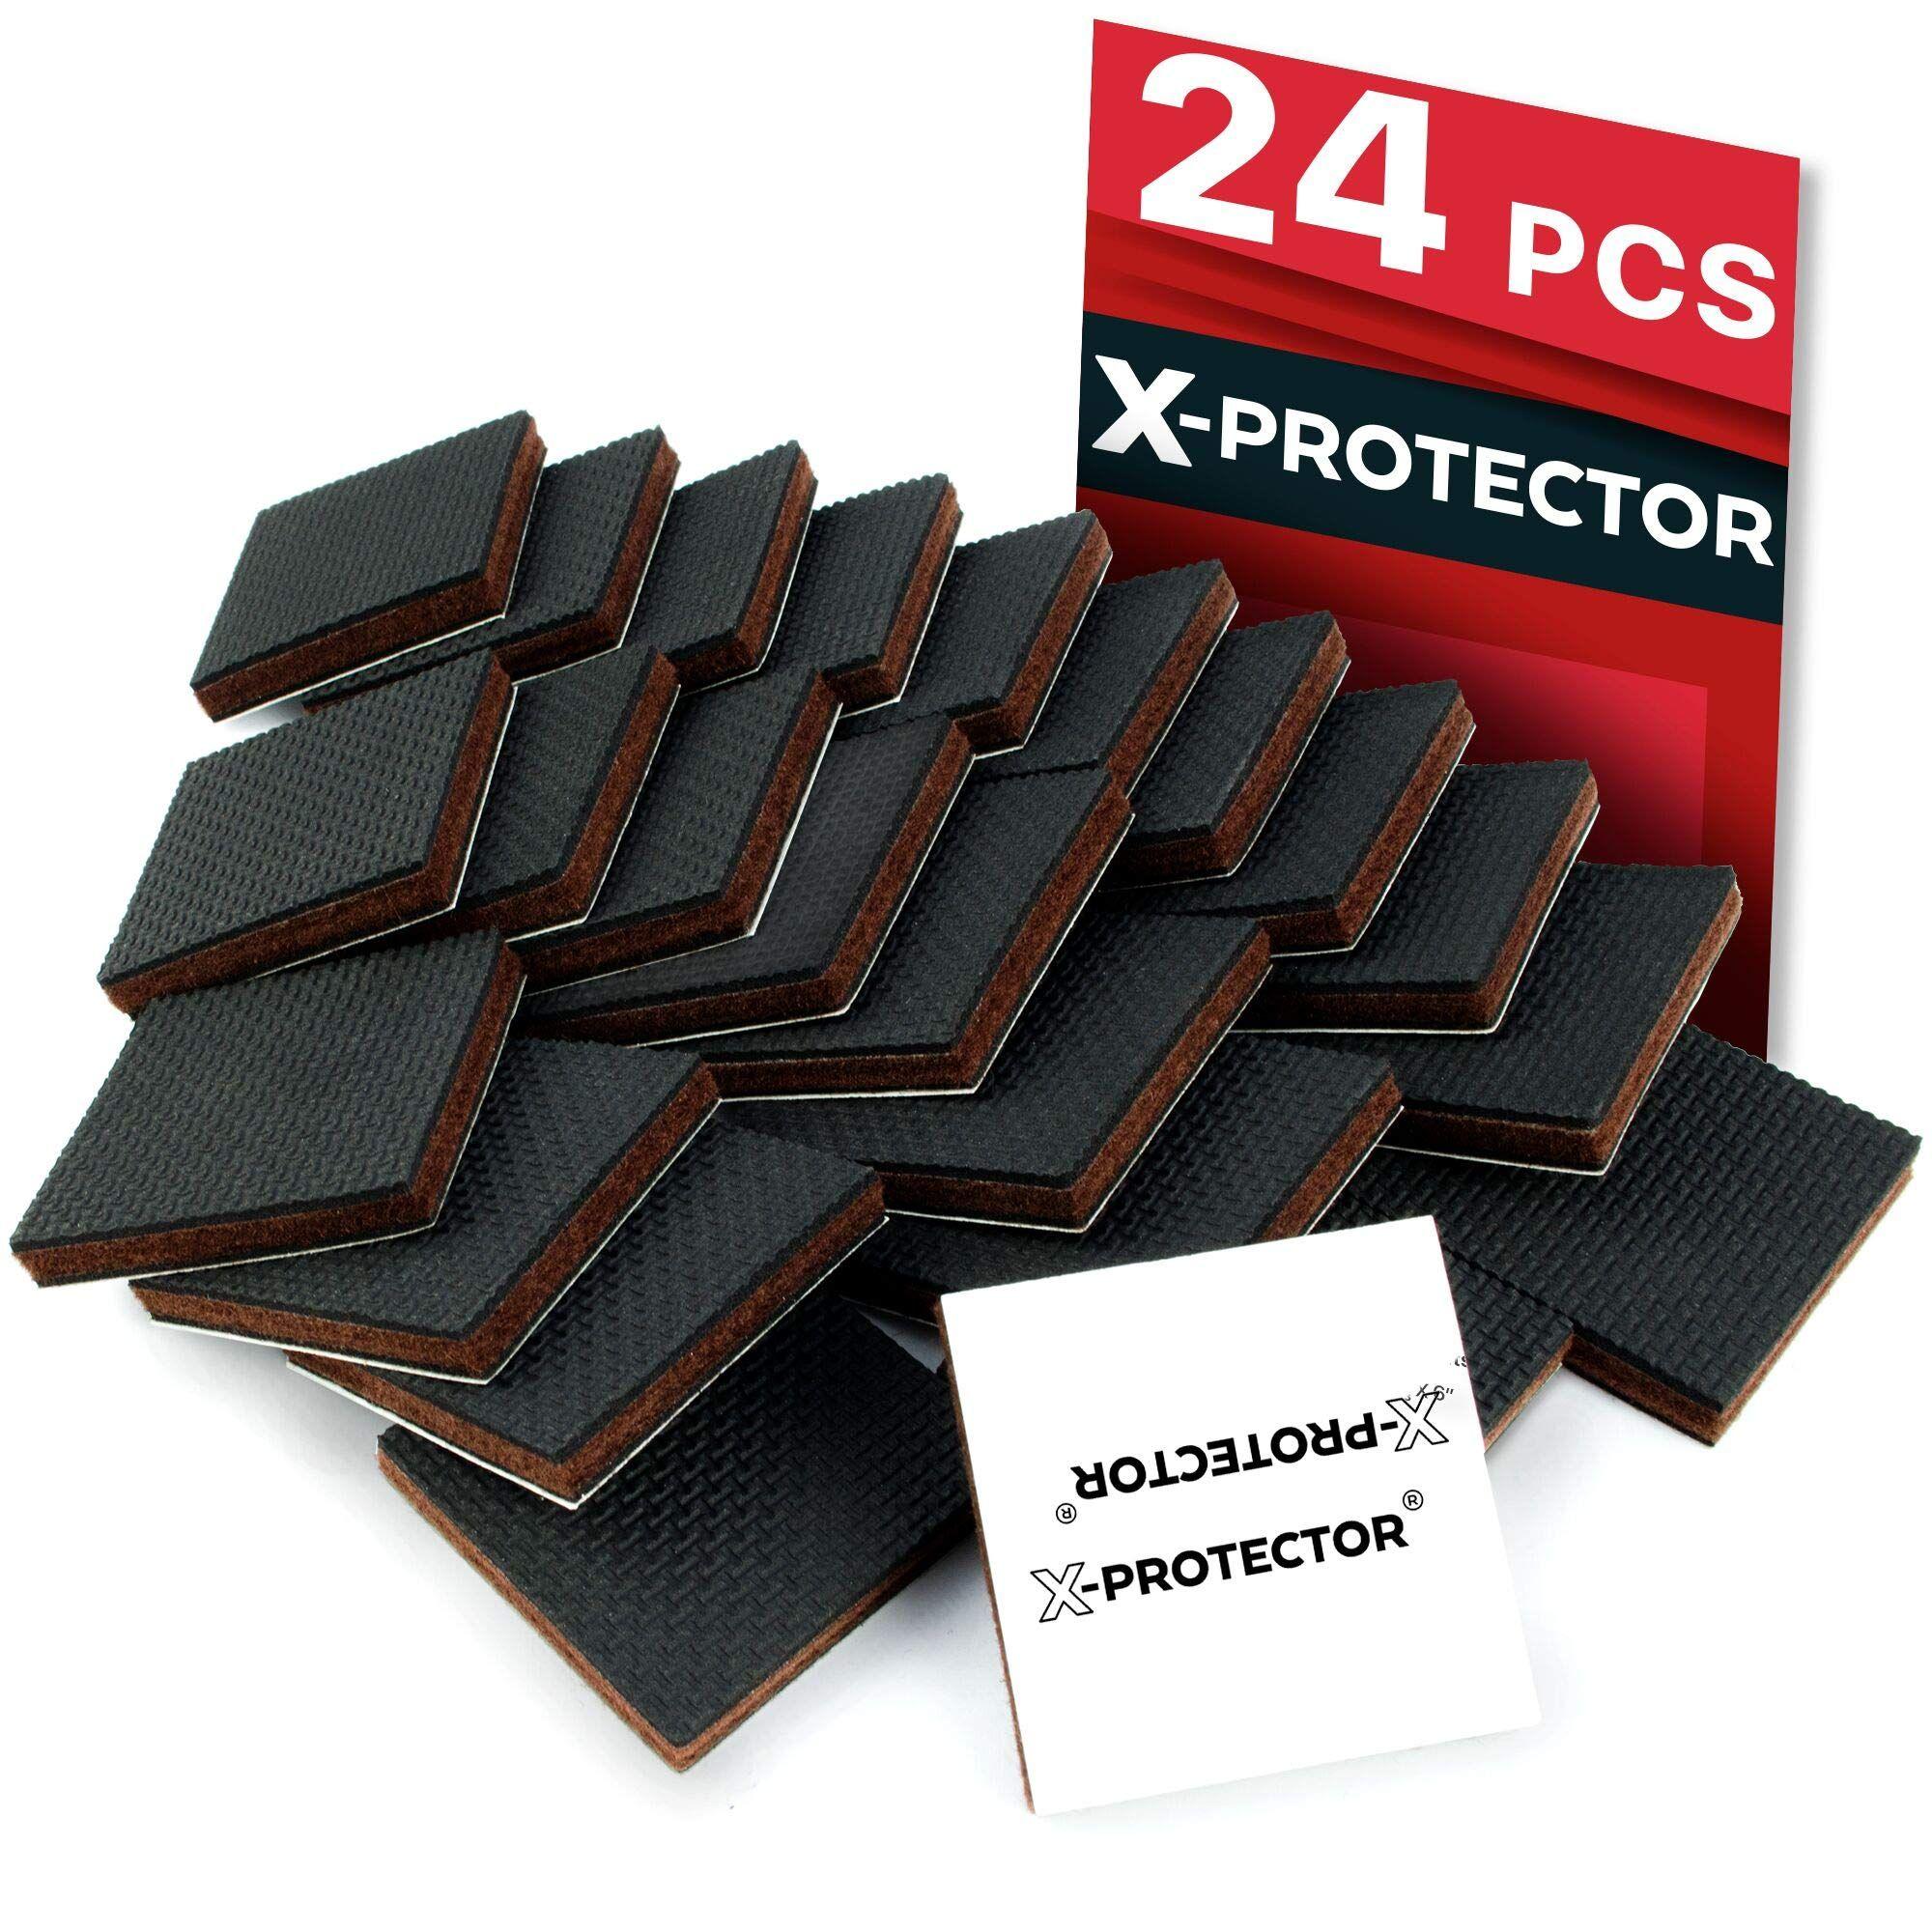 X Protector Furniture Grippers A Premium 24 Pcs 2a Furniture